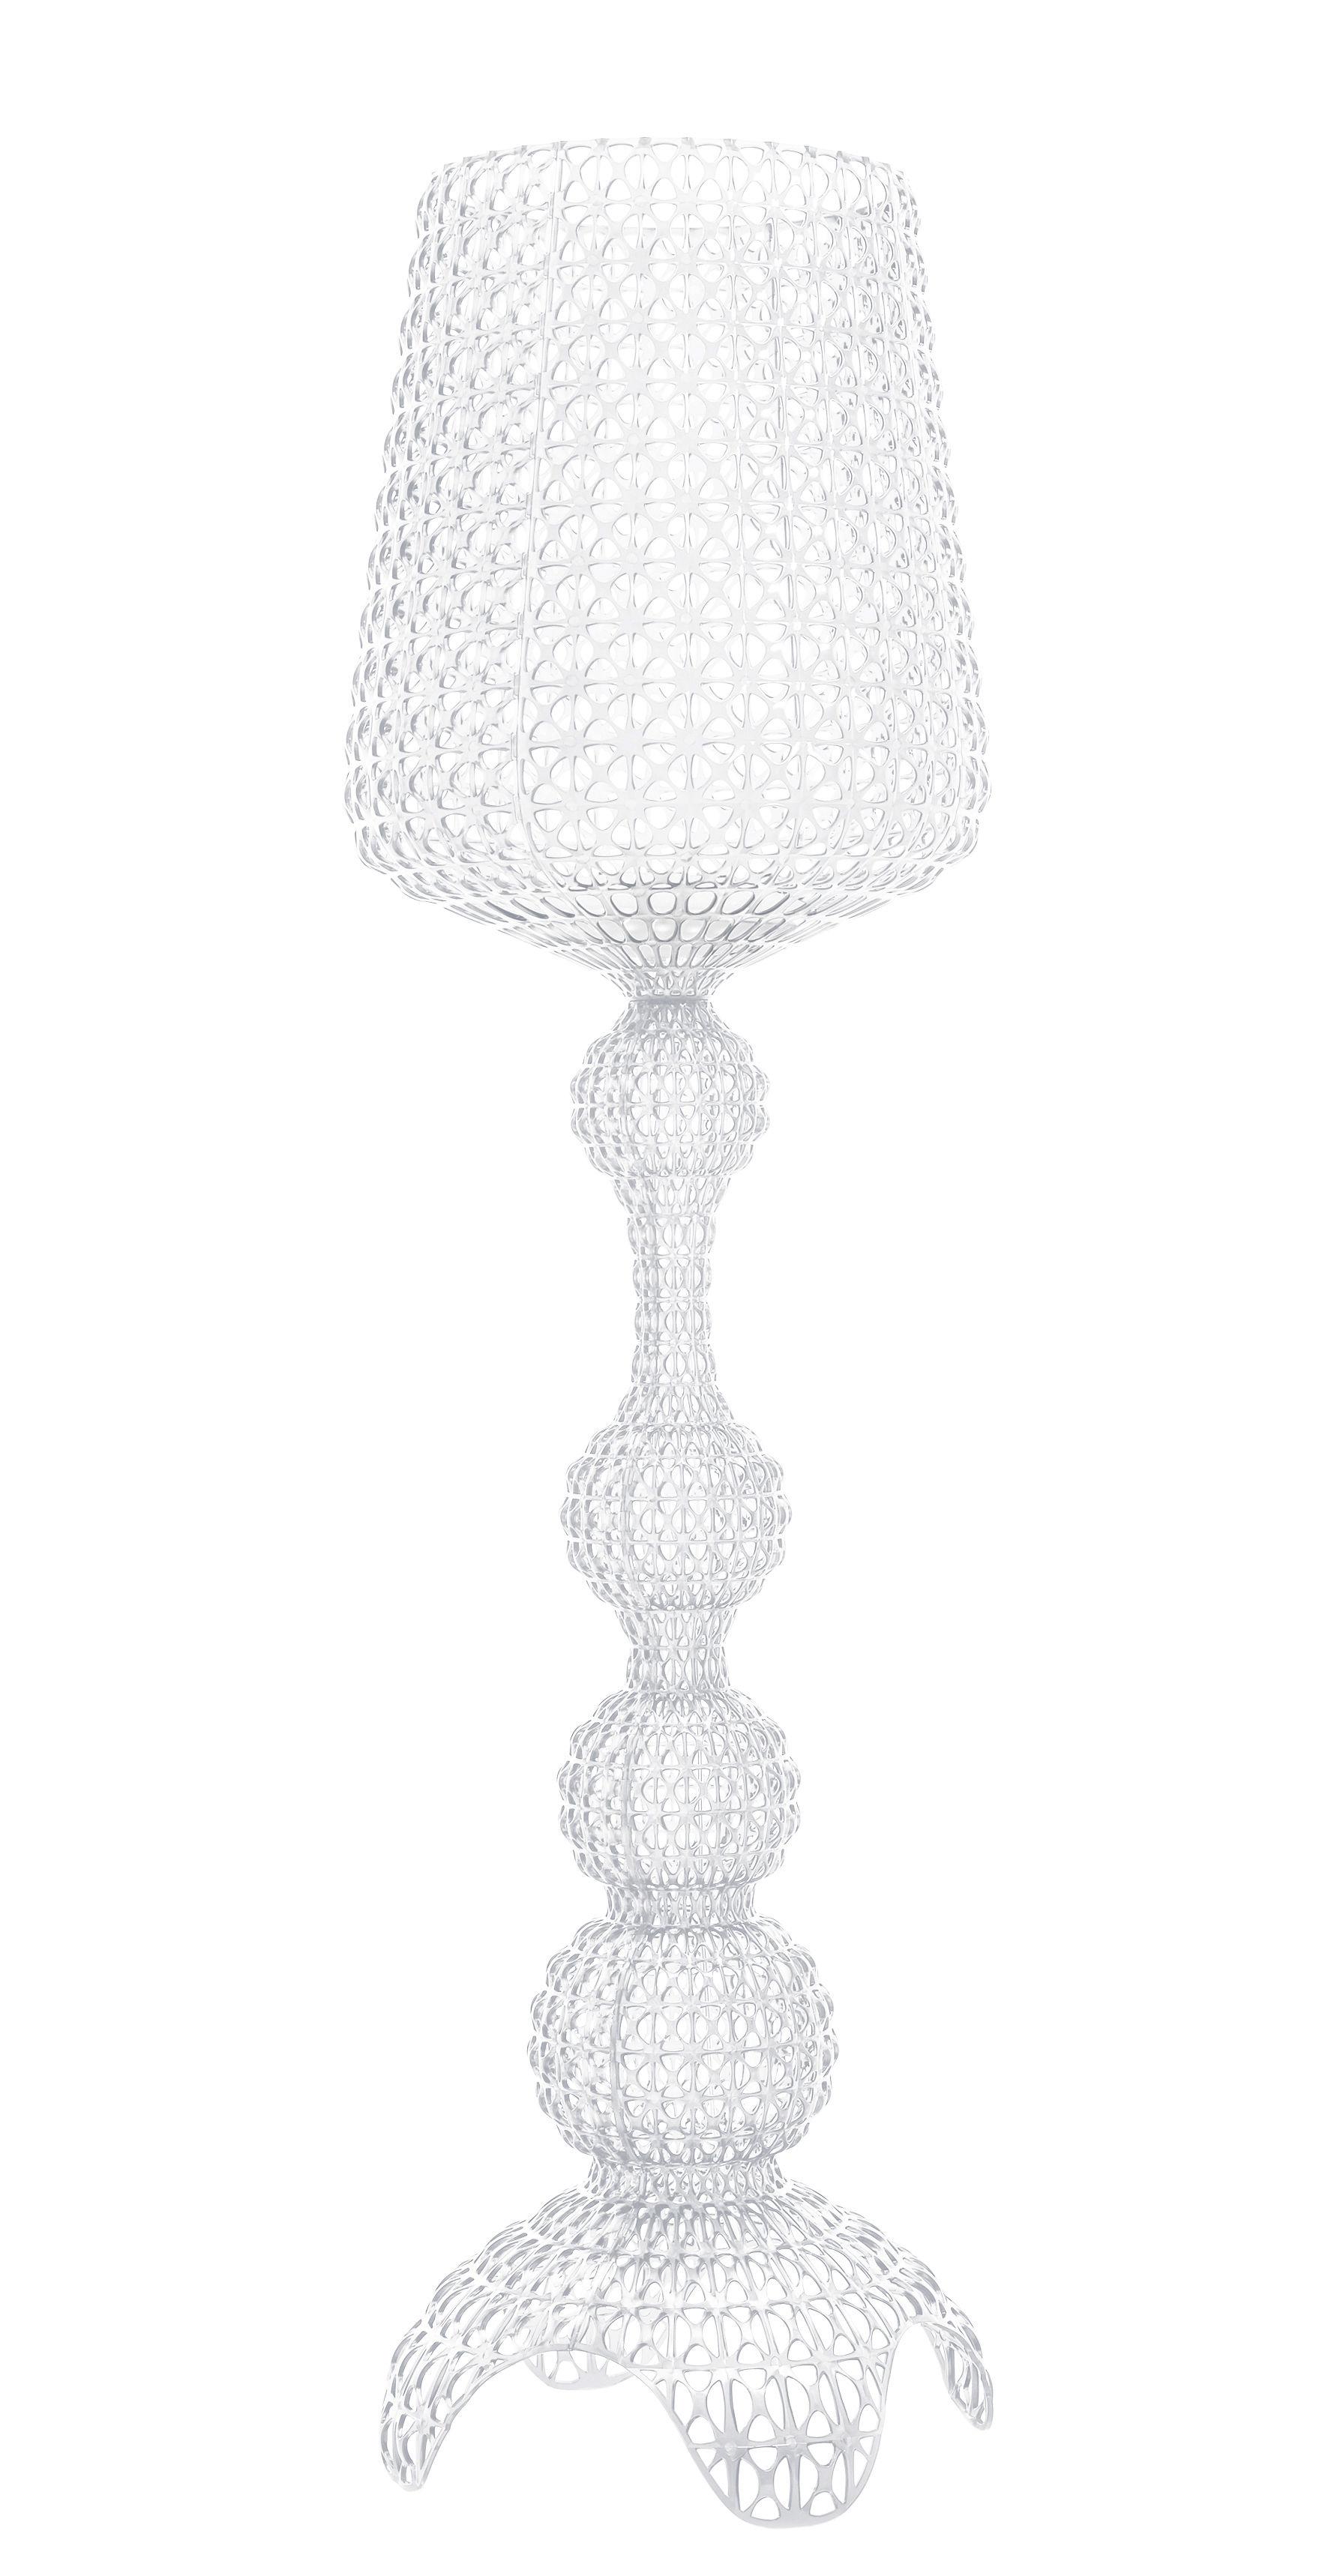 Leuchten - Stehleuchten - Kabuki Indoor Stehleuchte / LED - H 165 cm - Kartell - Transparent (farblos) - Technopolymère thermoplastique